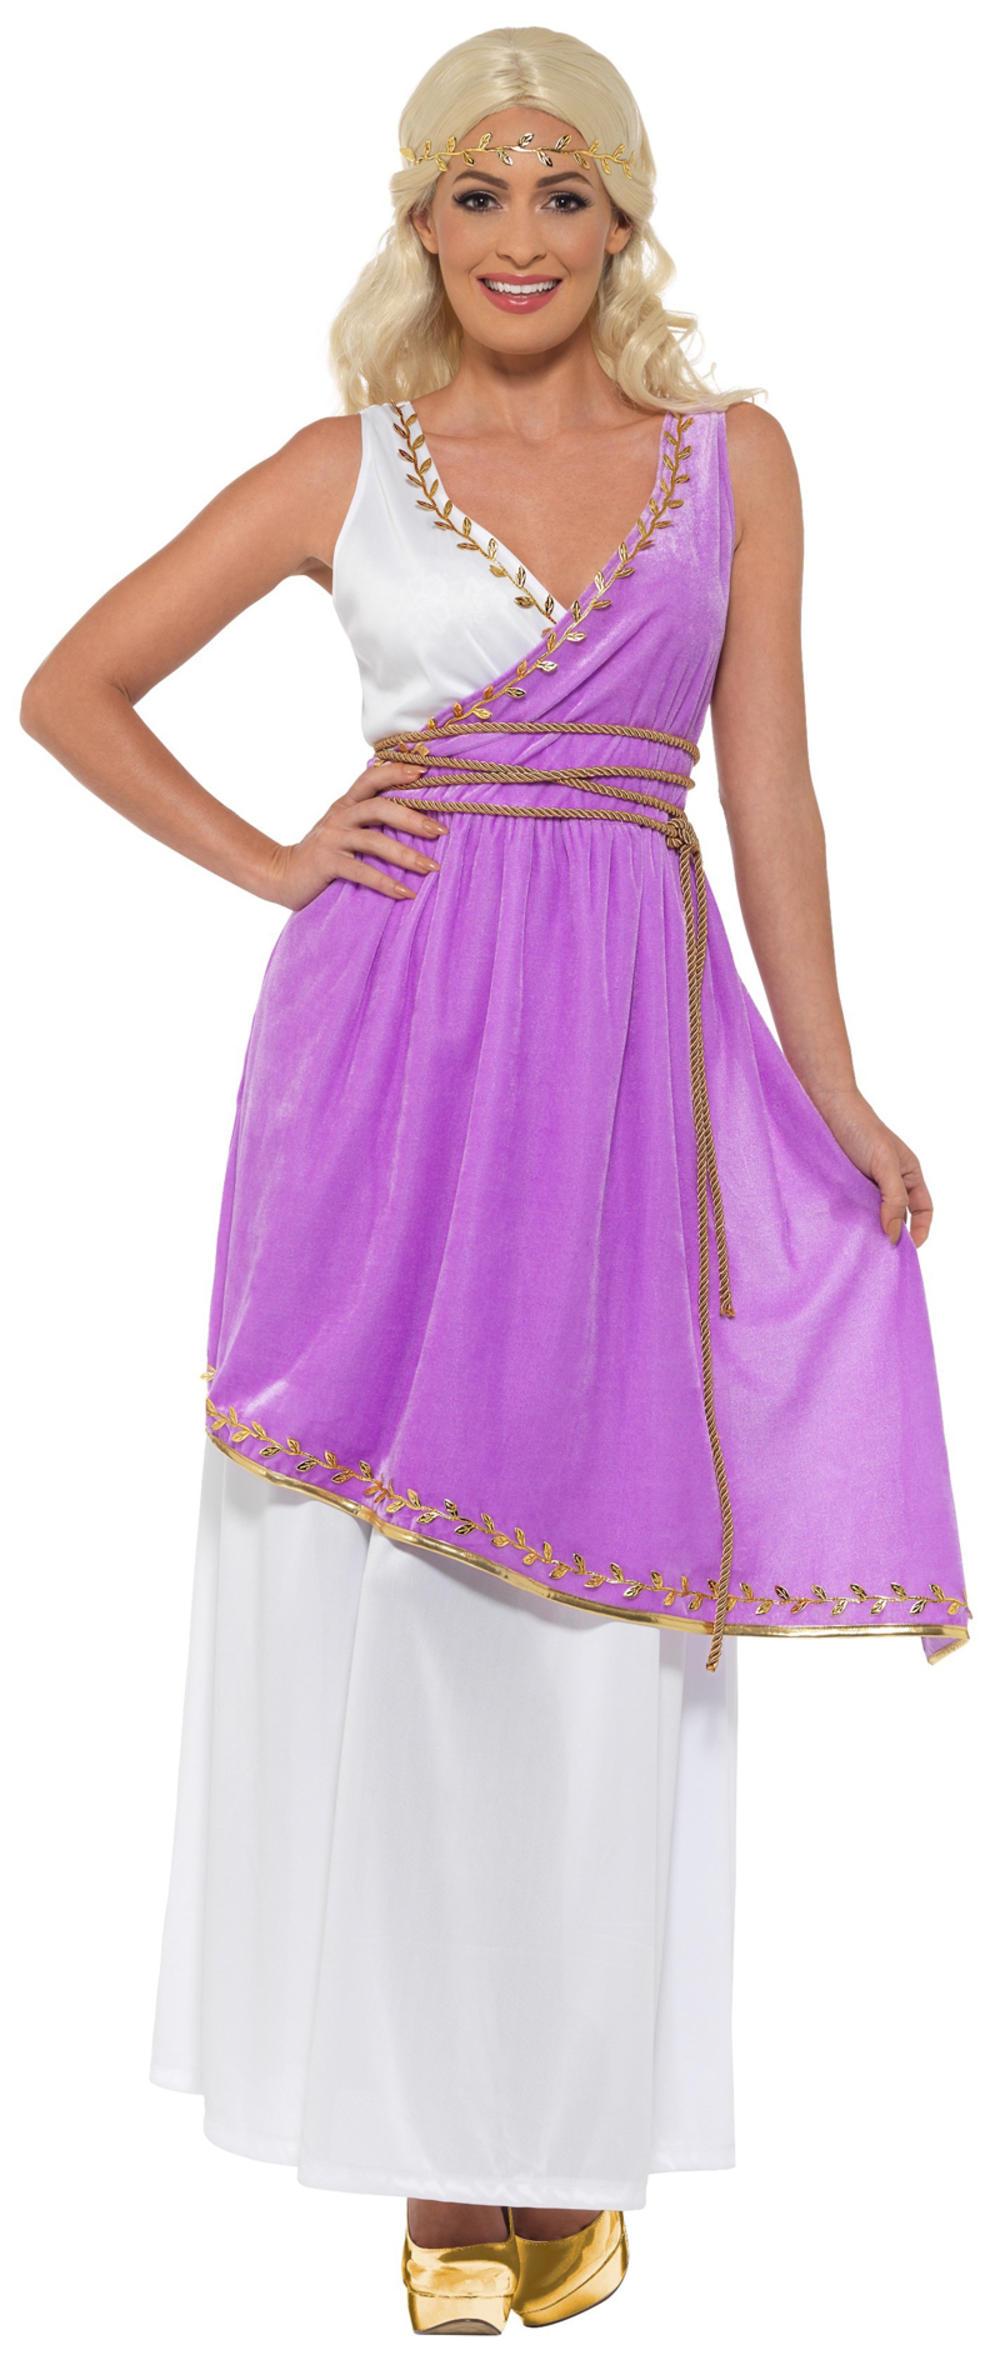 Grecian Goddess Ladies Fancy Dress Ancient Roman Greek Womens Adults Costume New